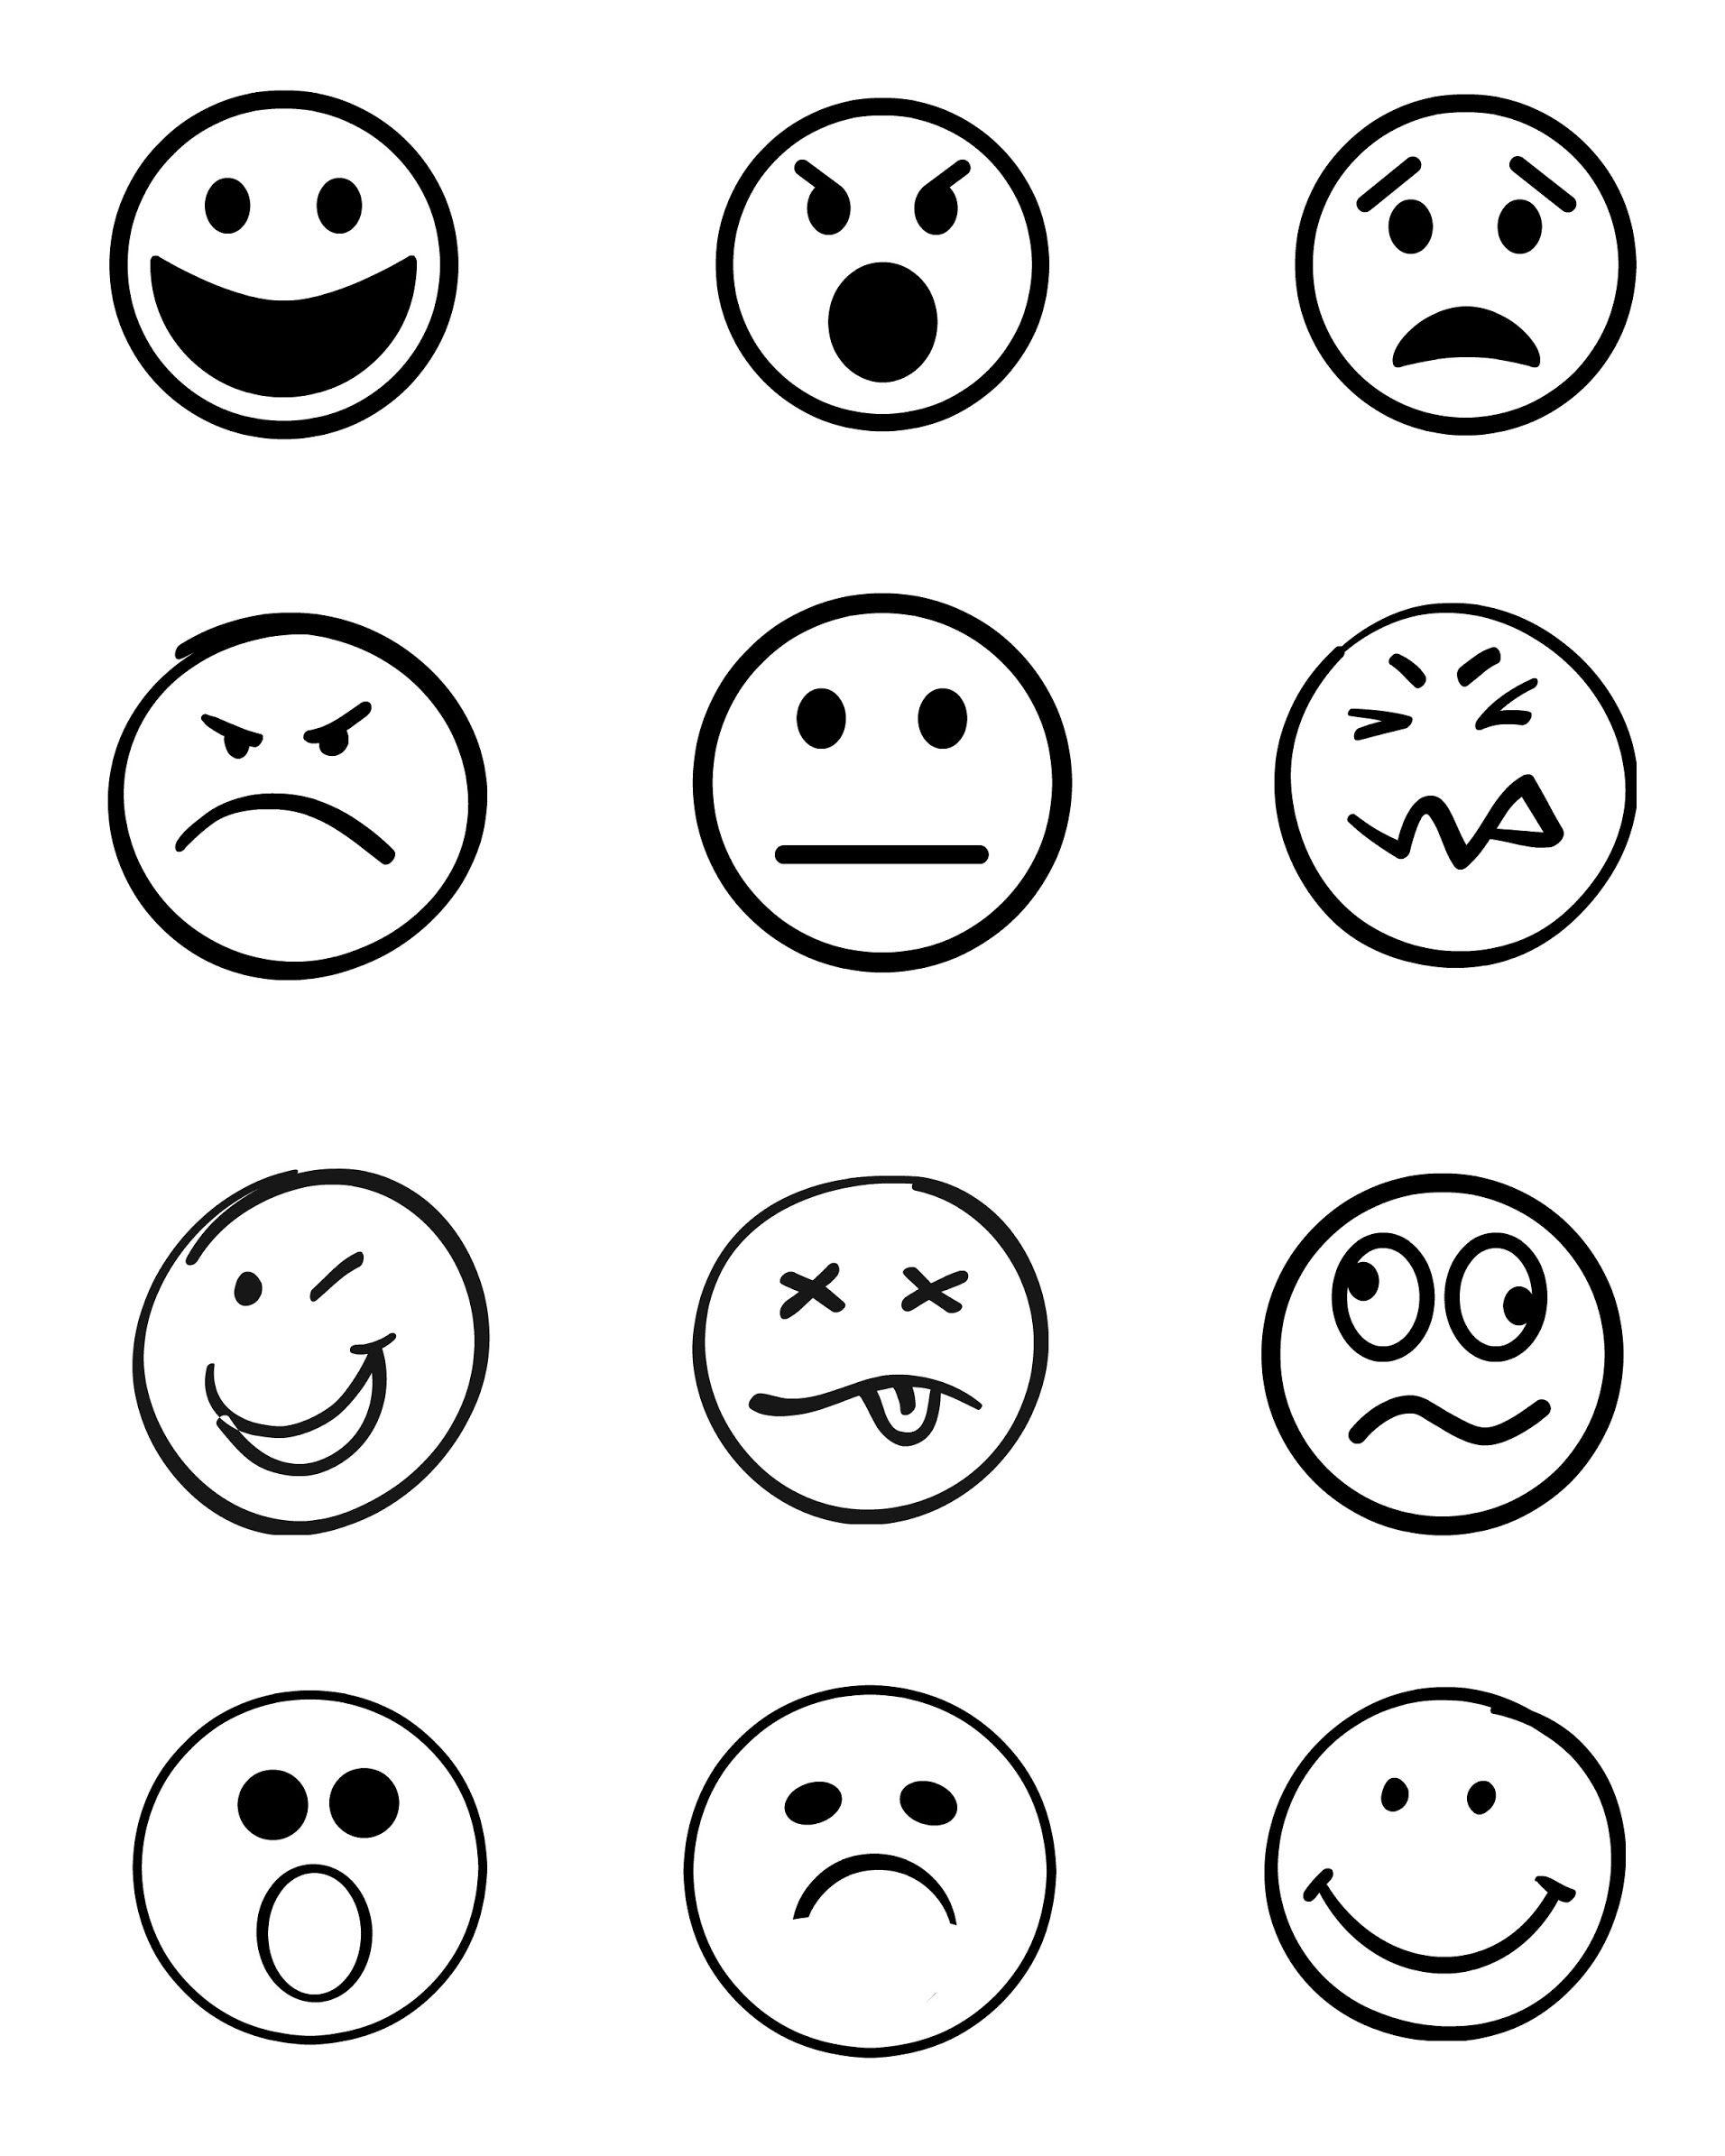 Emotions Sort Game1